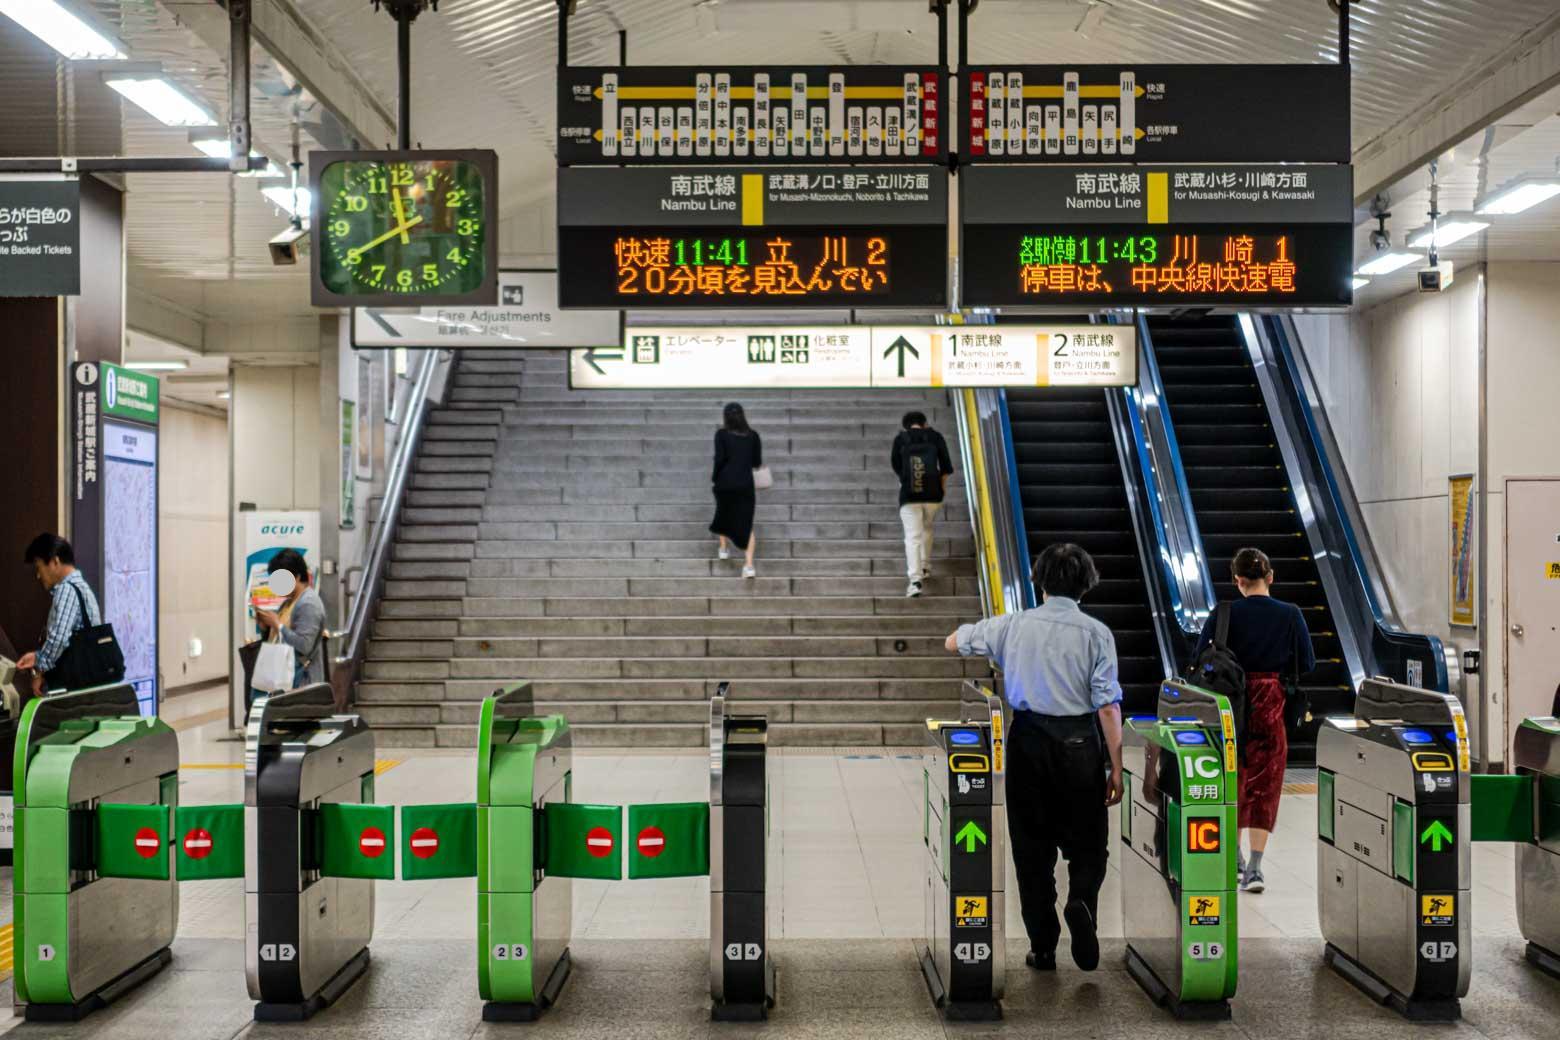 移動の便利さが評価され、都心からの移住者も多いそう。一日の平均乗車人員も増加傾向にあります。